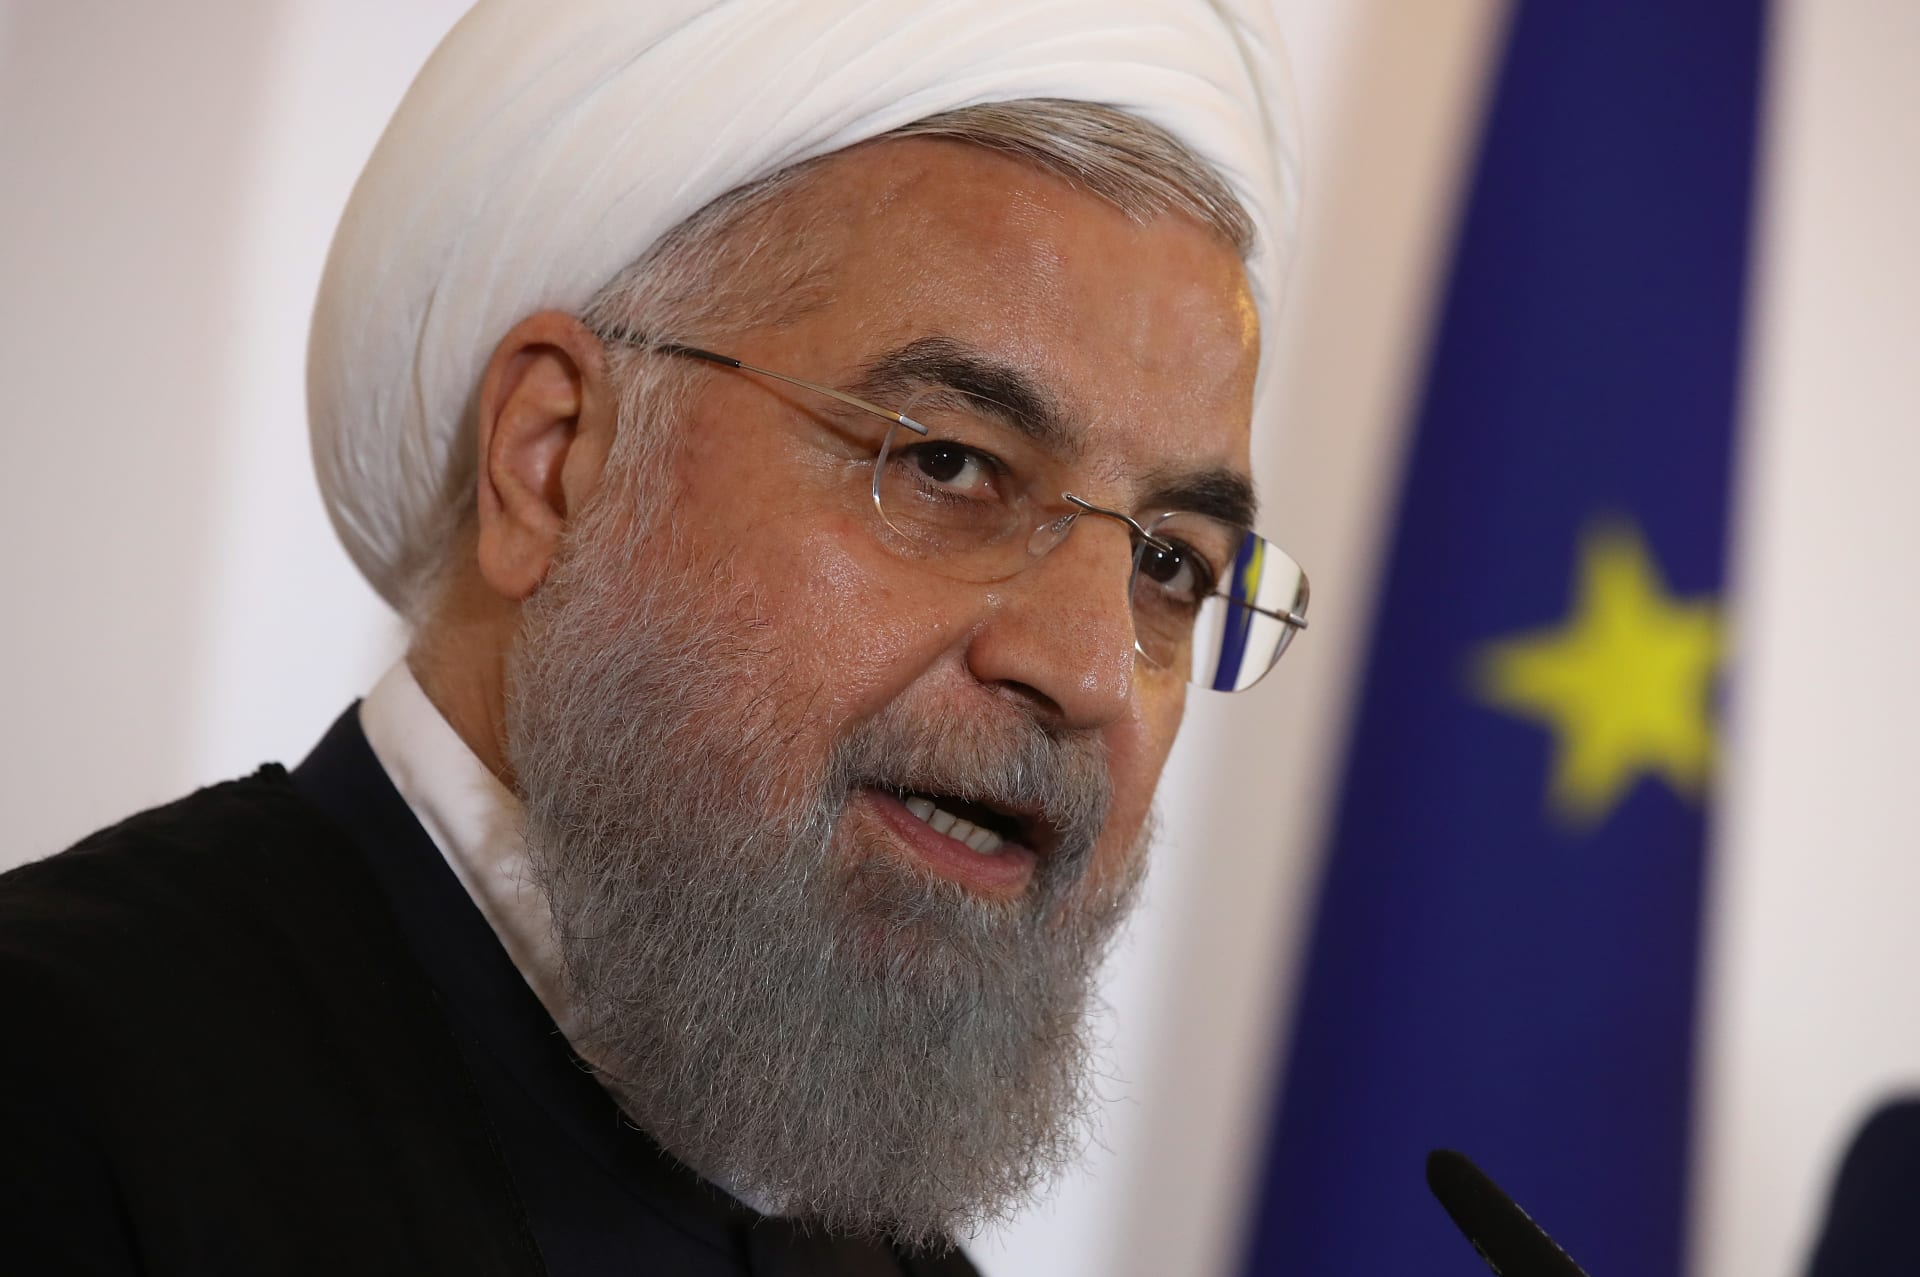 روحاني: لا نثير المشاكل في المضائق لكن لن نتخلى عن حقنا بتصدير النفط بسهولة